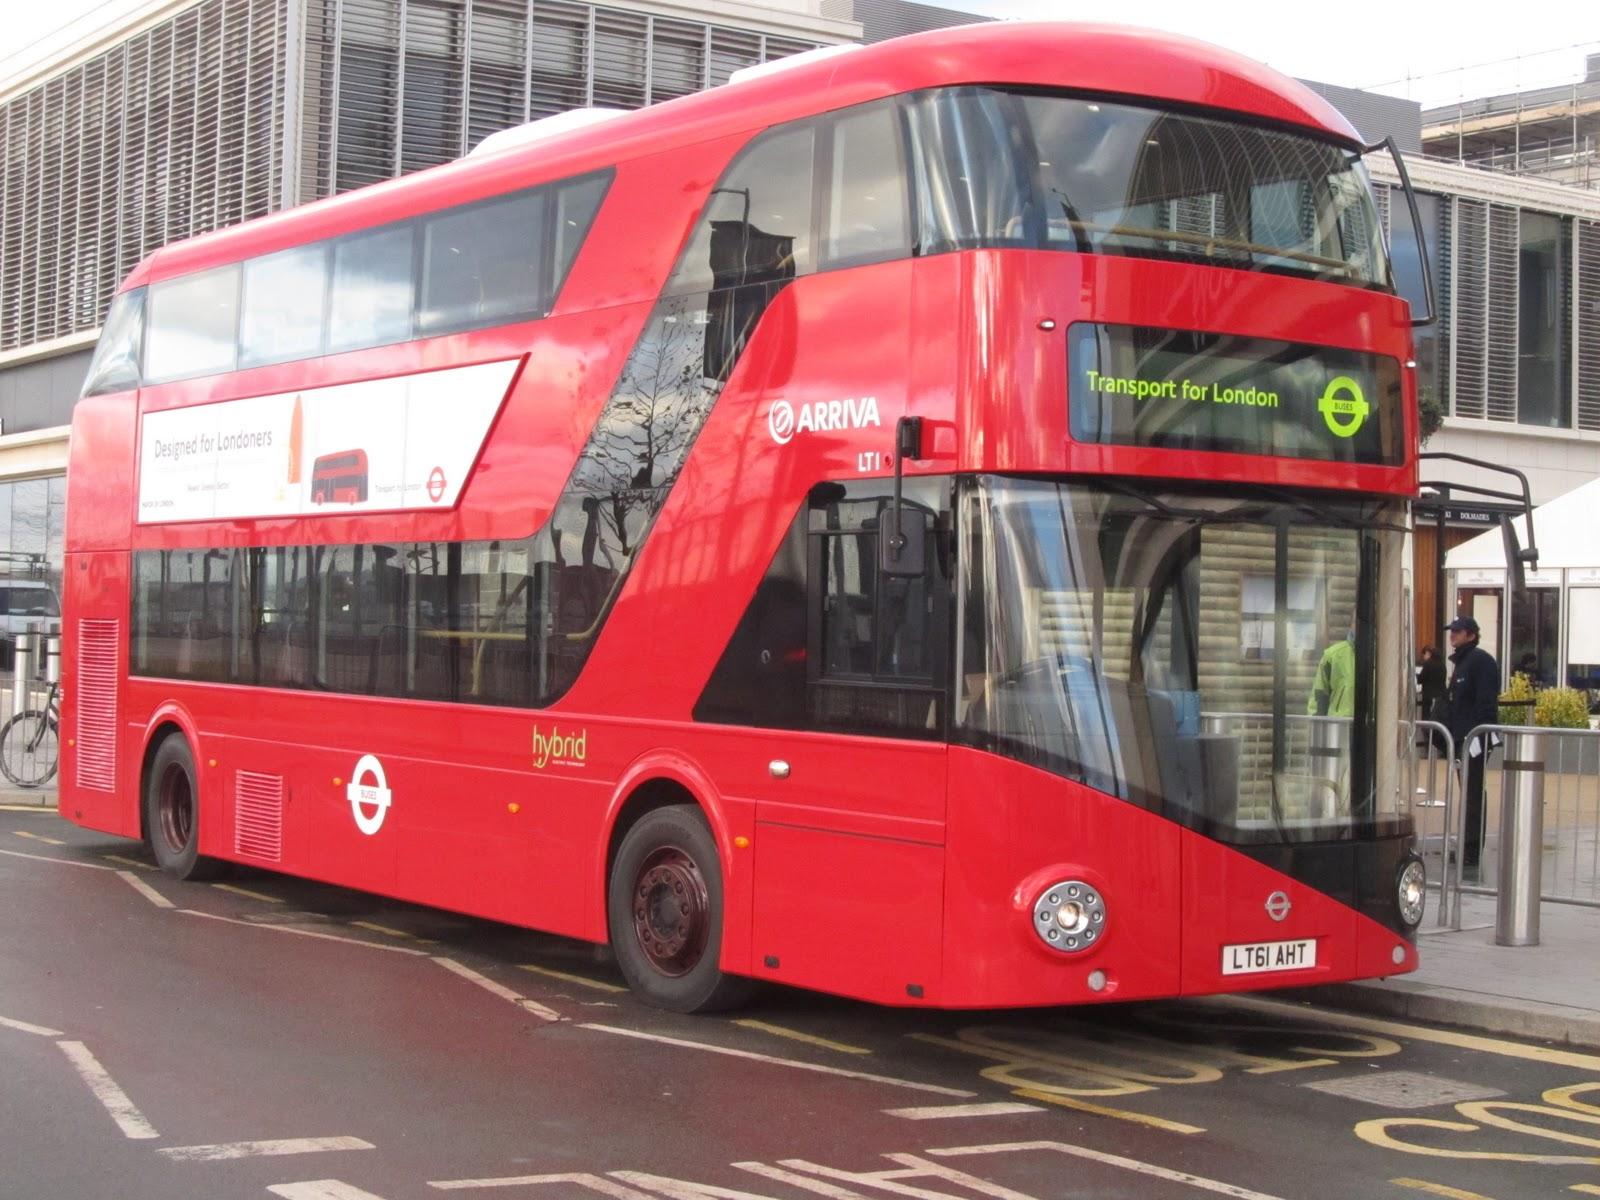 File:Arriva London bus LT2 (LT61 BHT) 2011 New Bus for ... |London Transit Buses